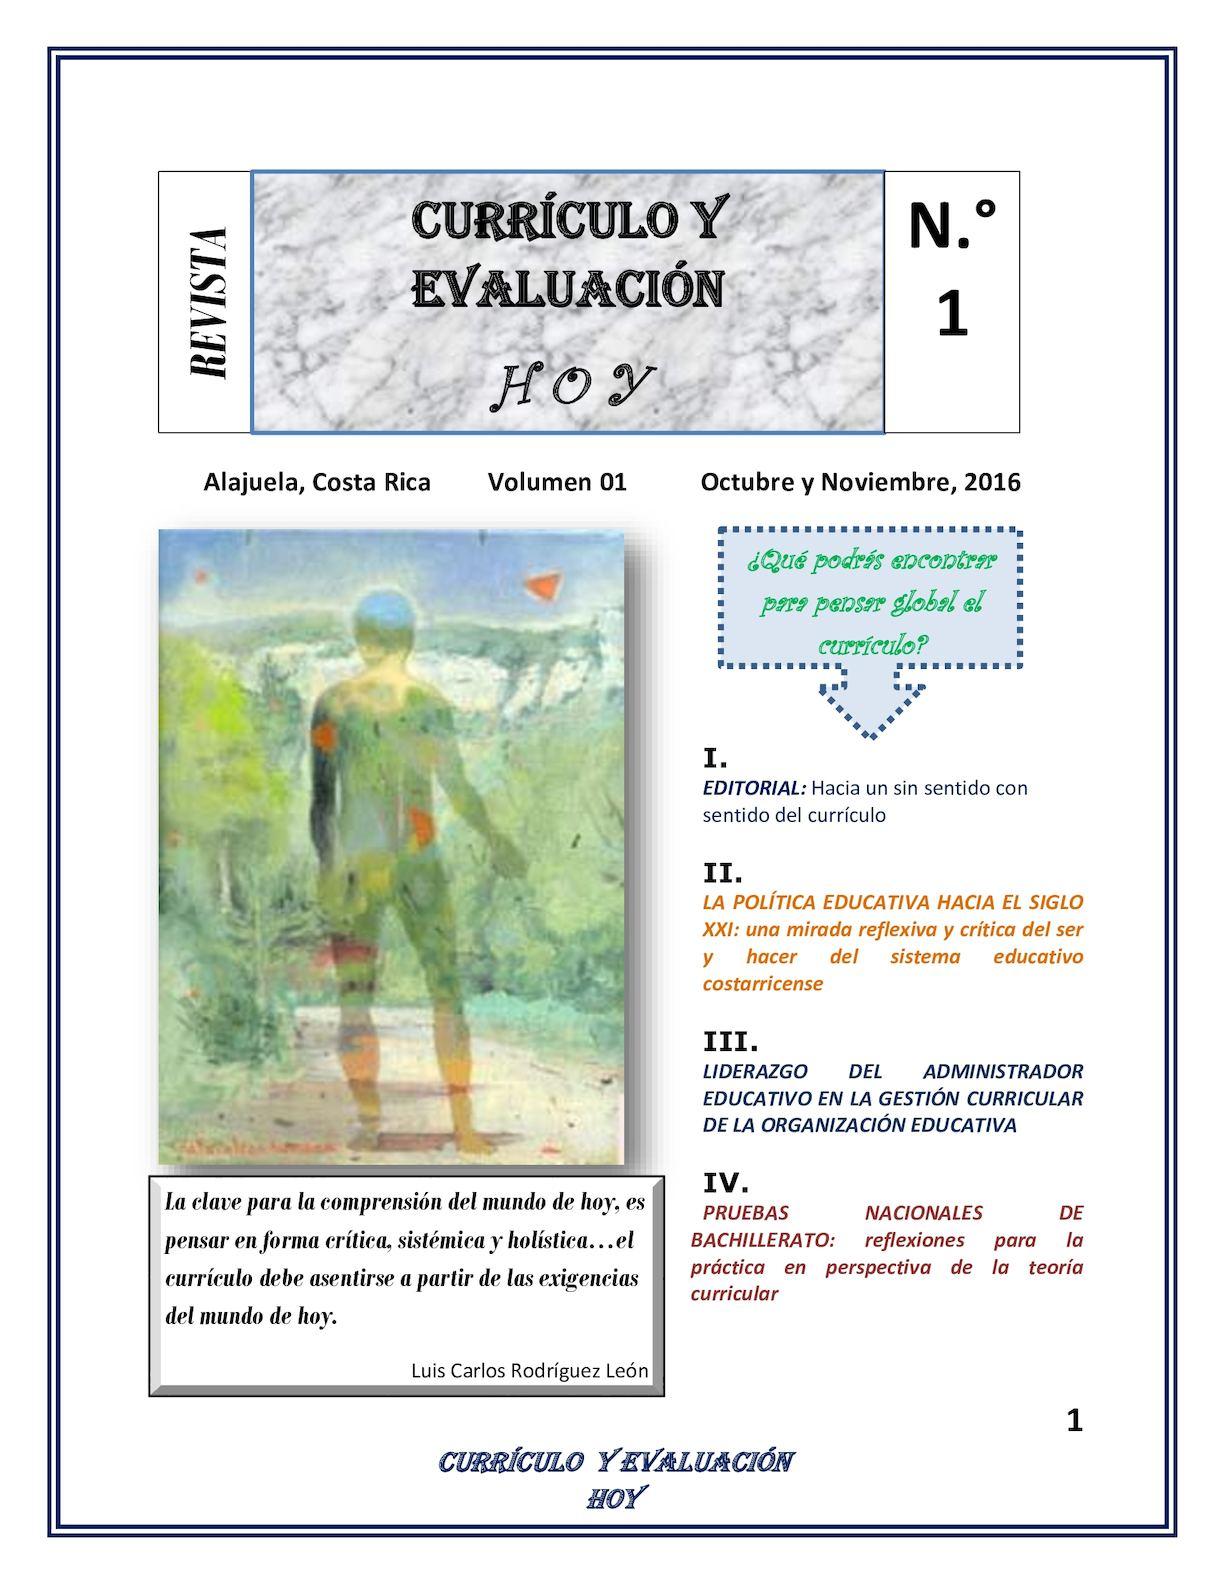 Calaméo - Revista Currículo Y Evaluación Hoy Luis Carlos Rodríguez León